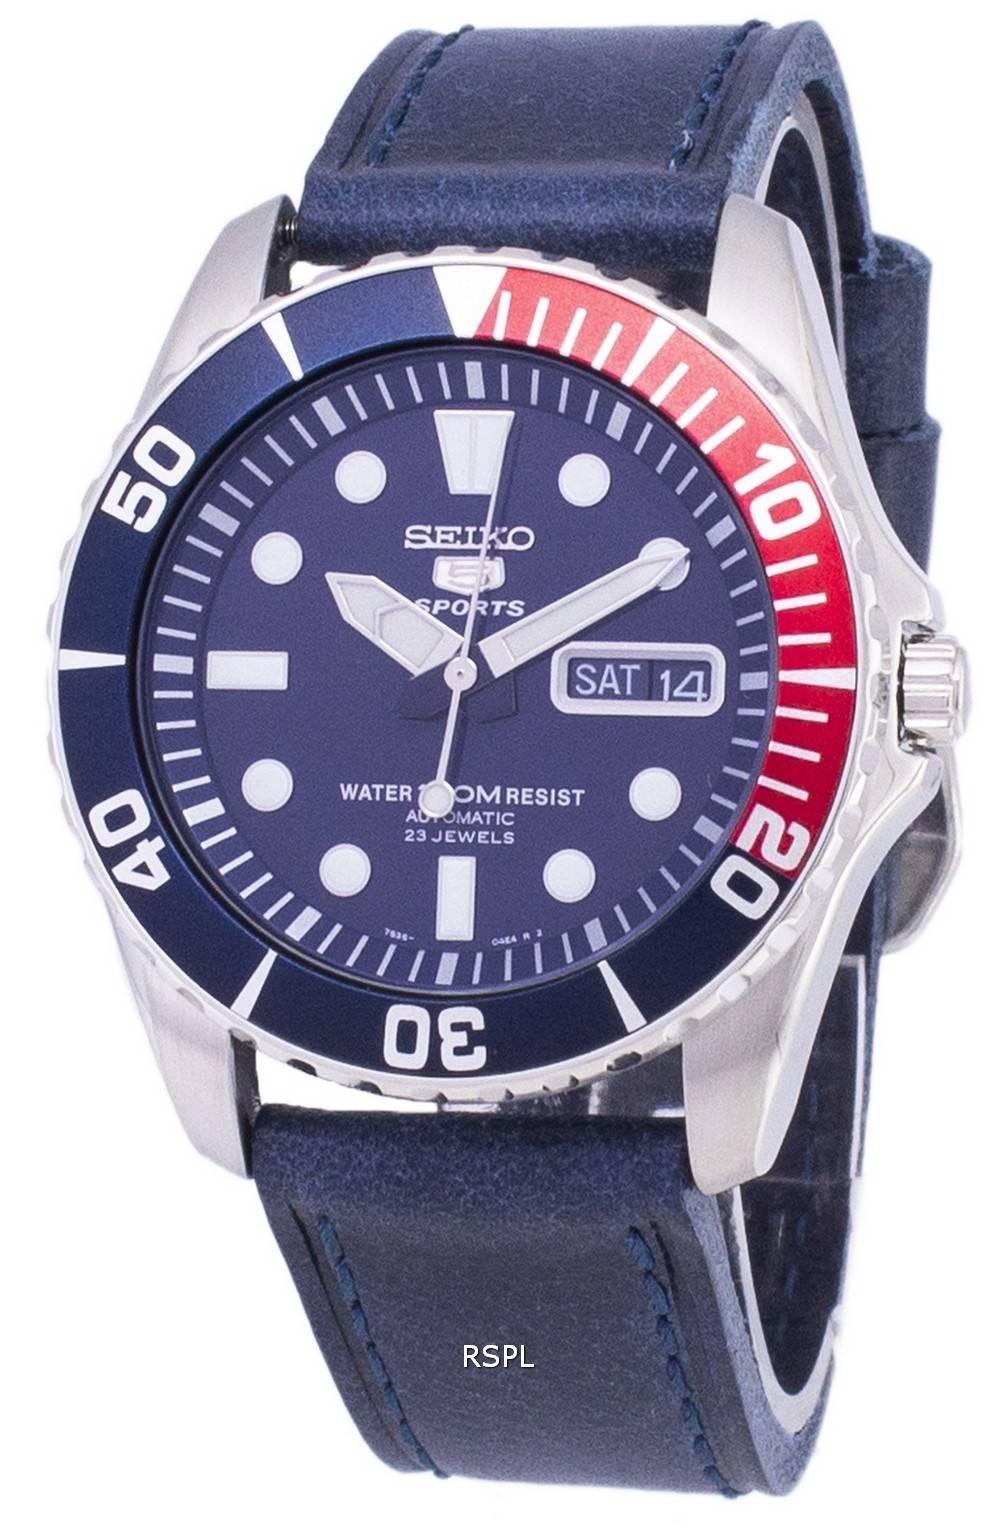 e8393c0b30037 Seiko 5 Sports SNZF15K1-LS13 en cuir bleu foncé automatique bracelet montre  homme